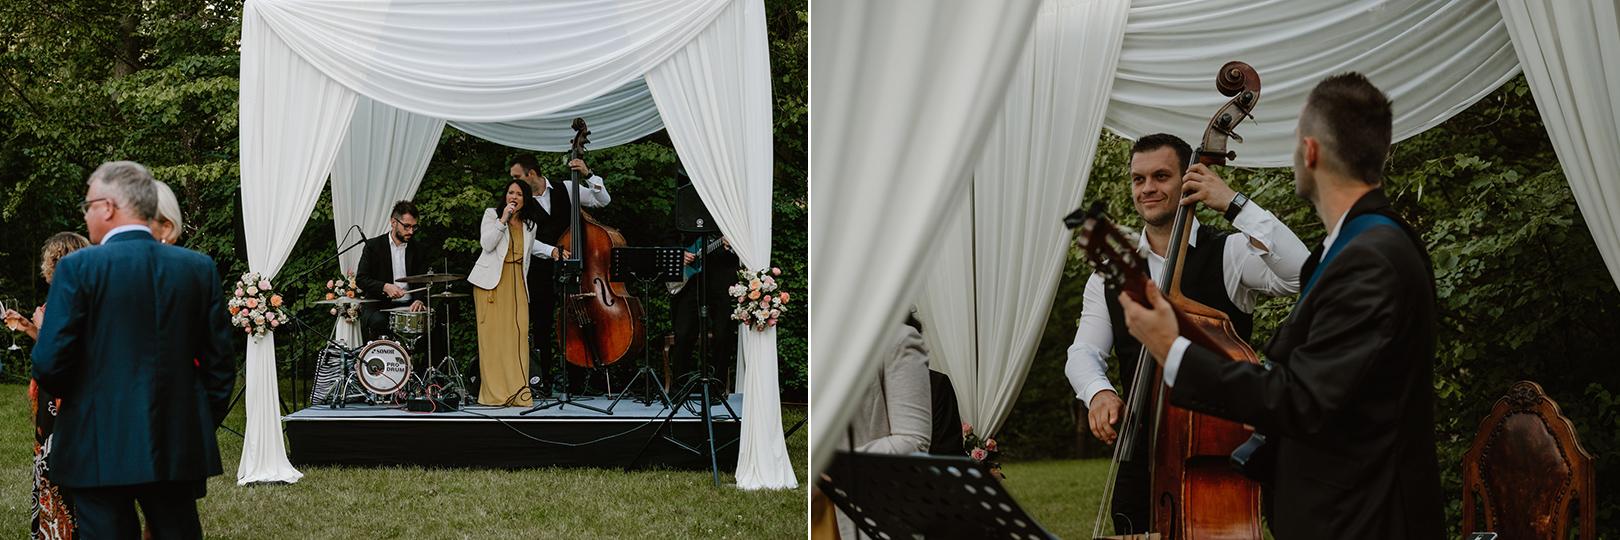 przyjęcie ślubne w ogrodzie